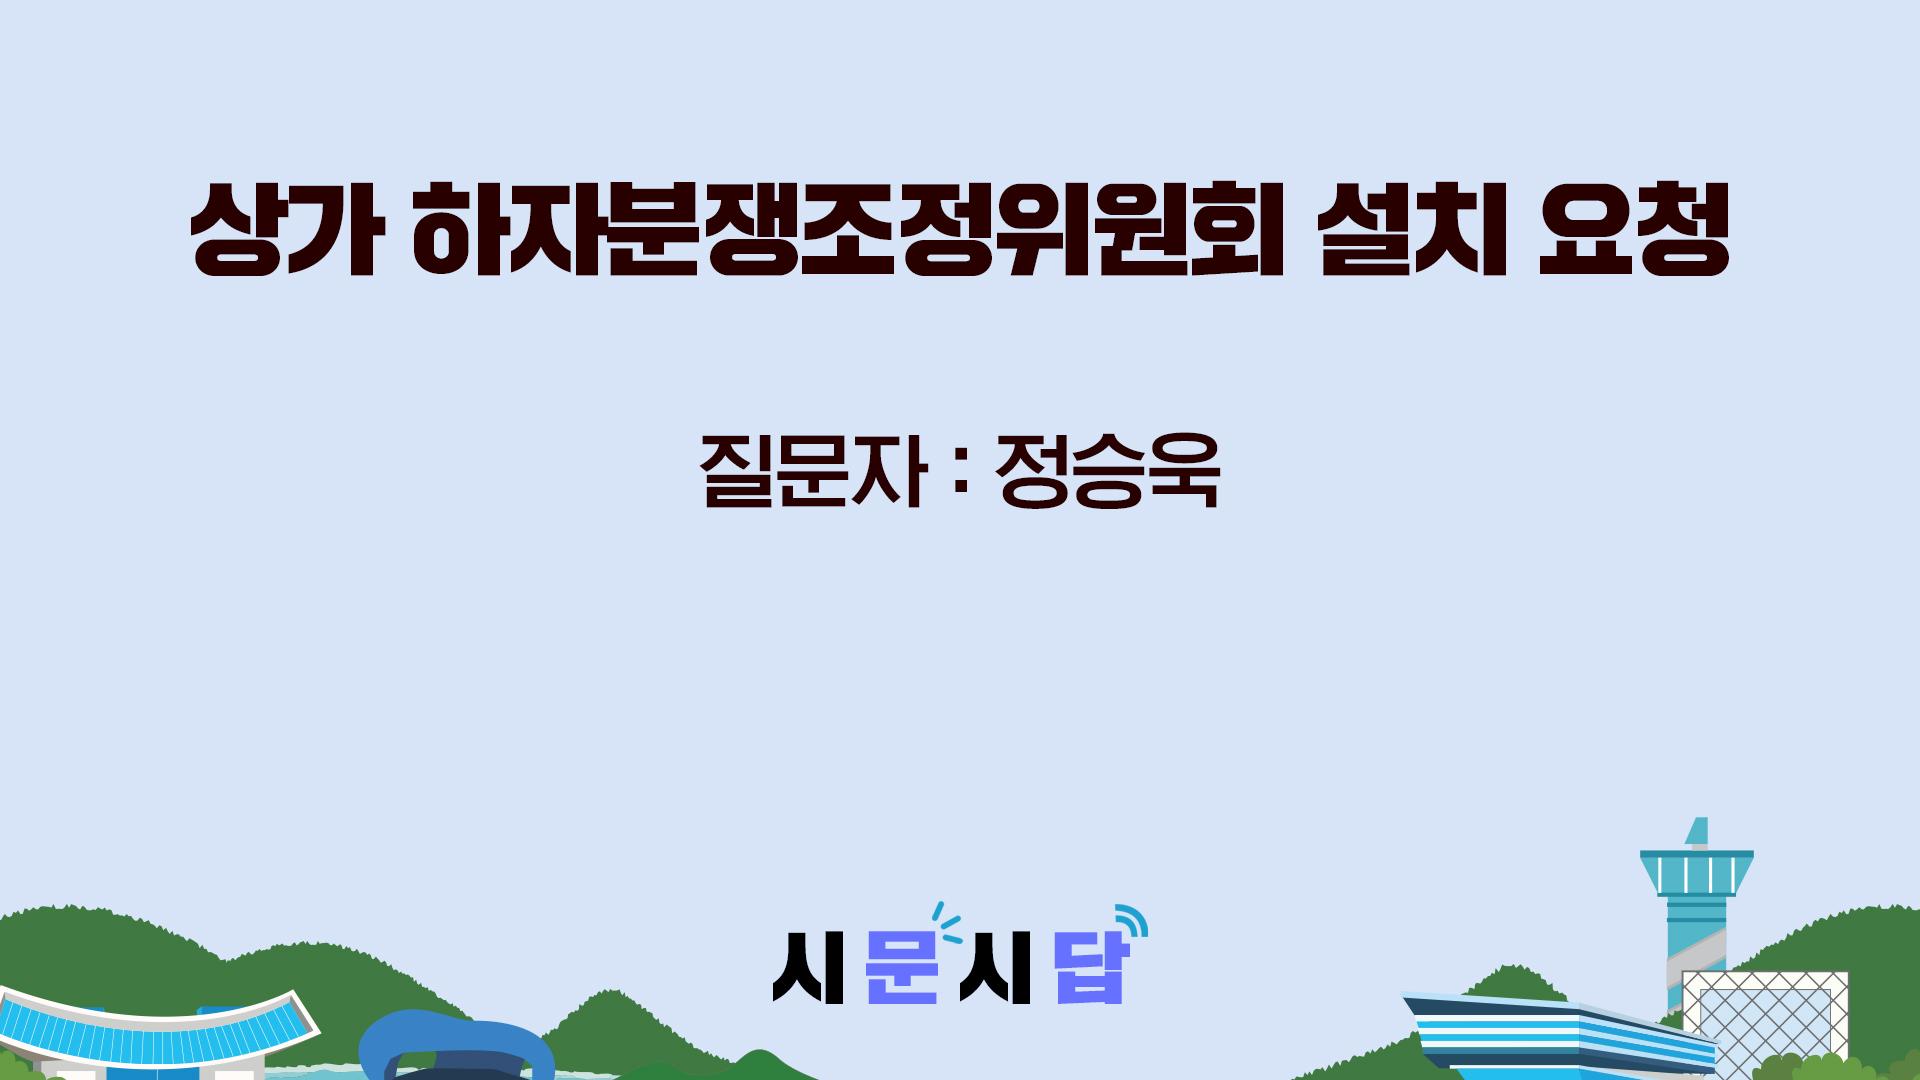 <시문시답> 상가 하자분쟁조정위원회 설치 요청